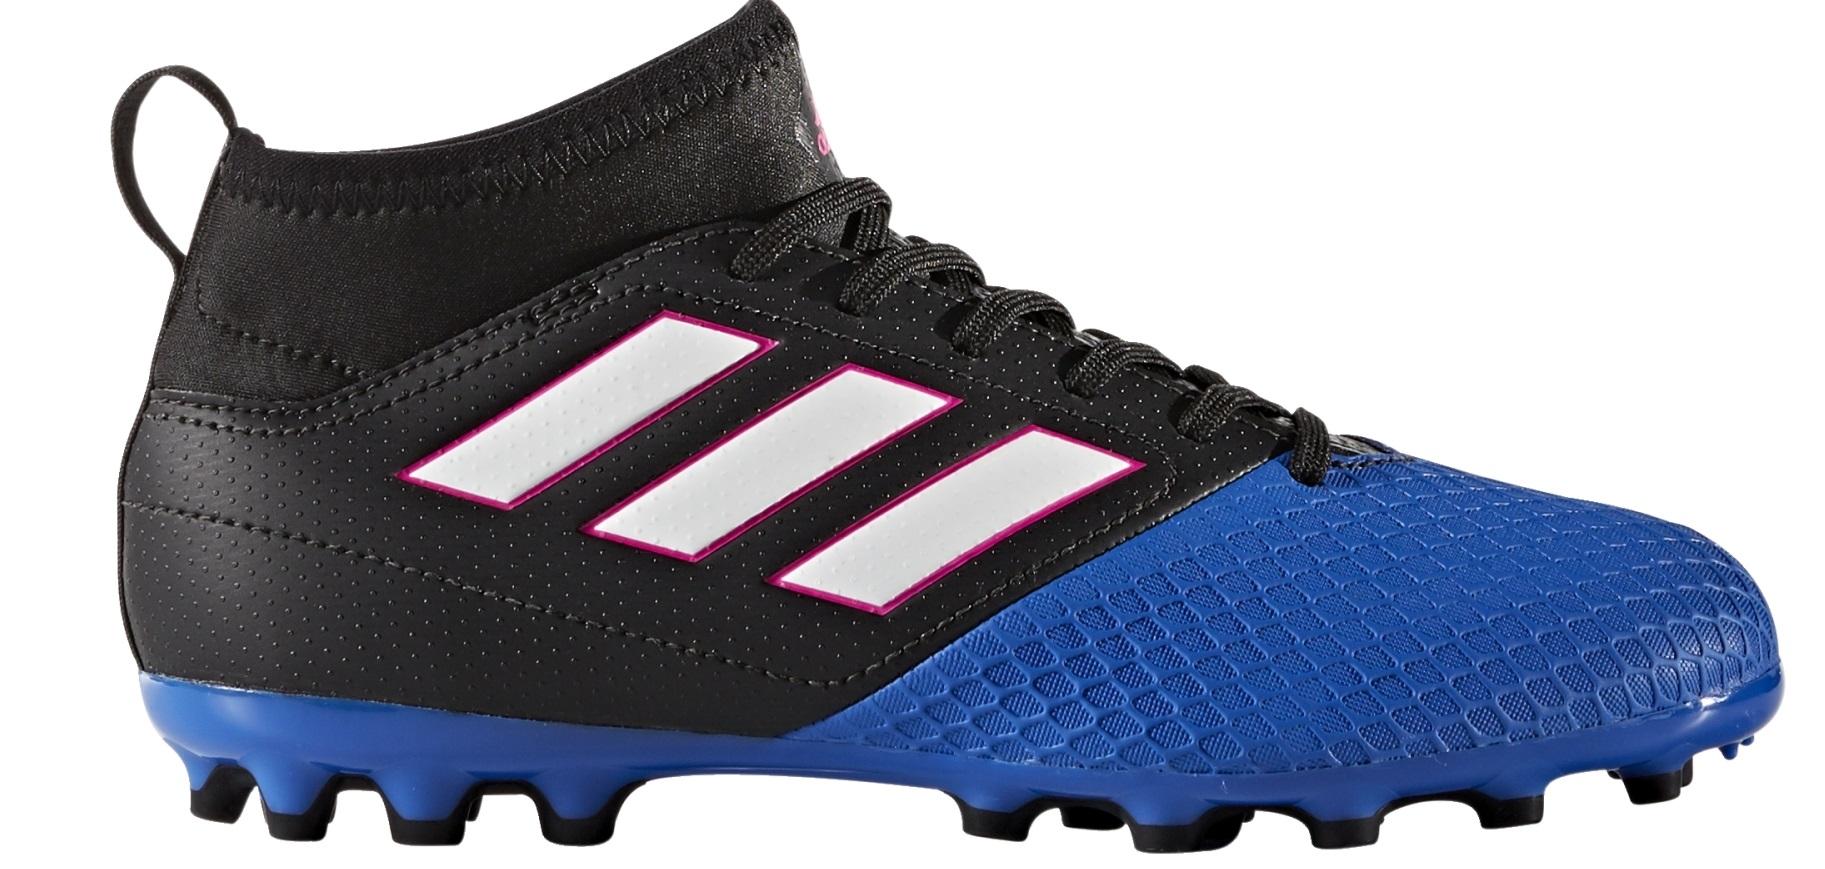 adidas scarpe da calcio bambino